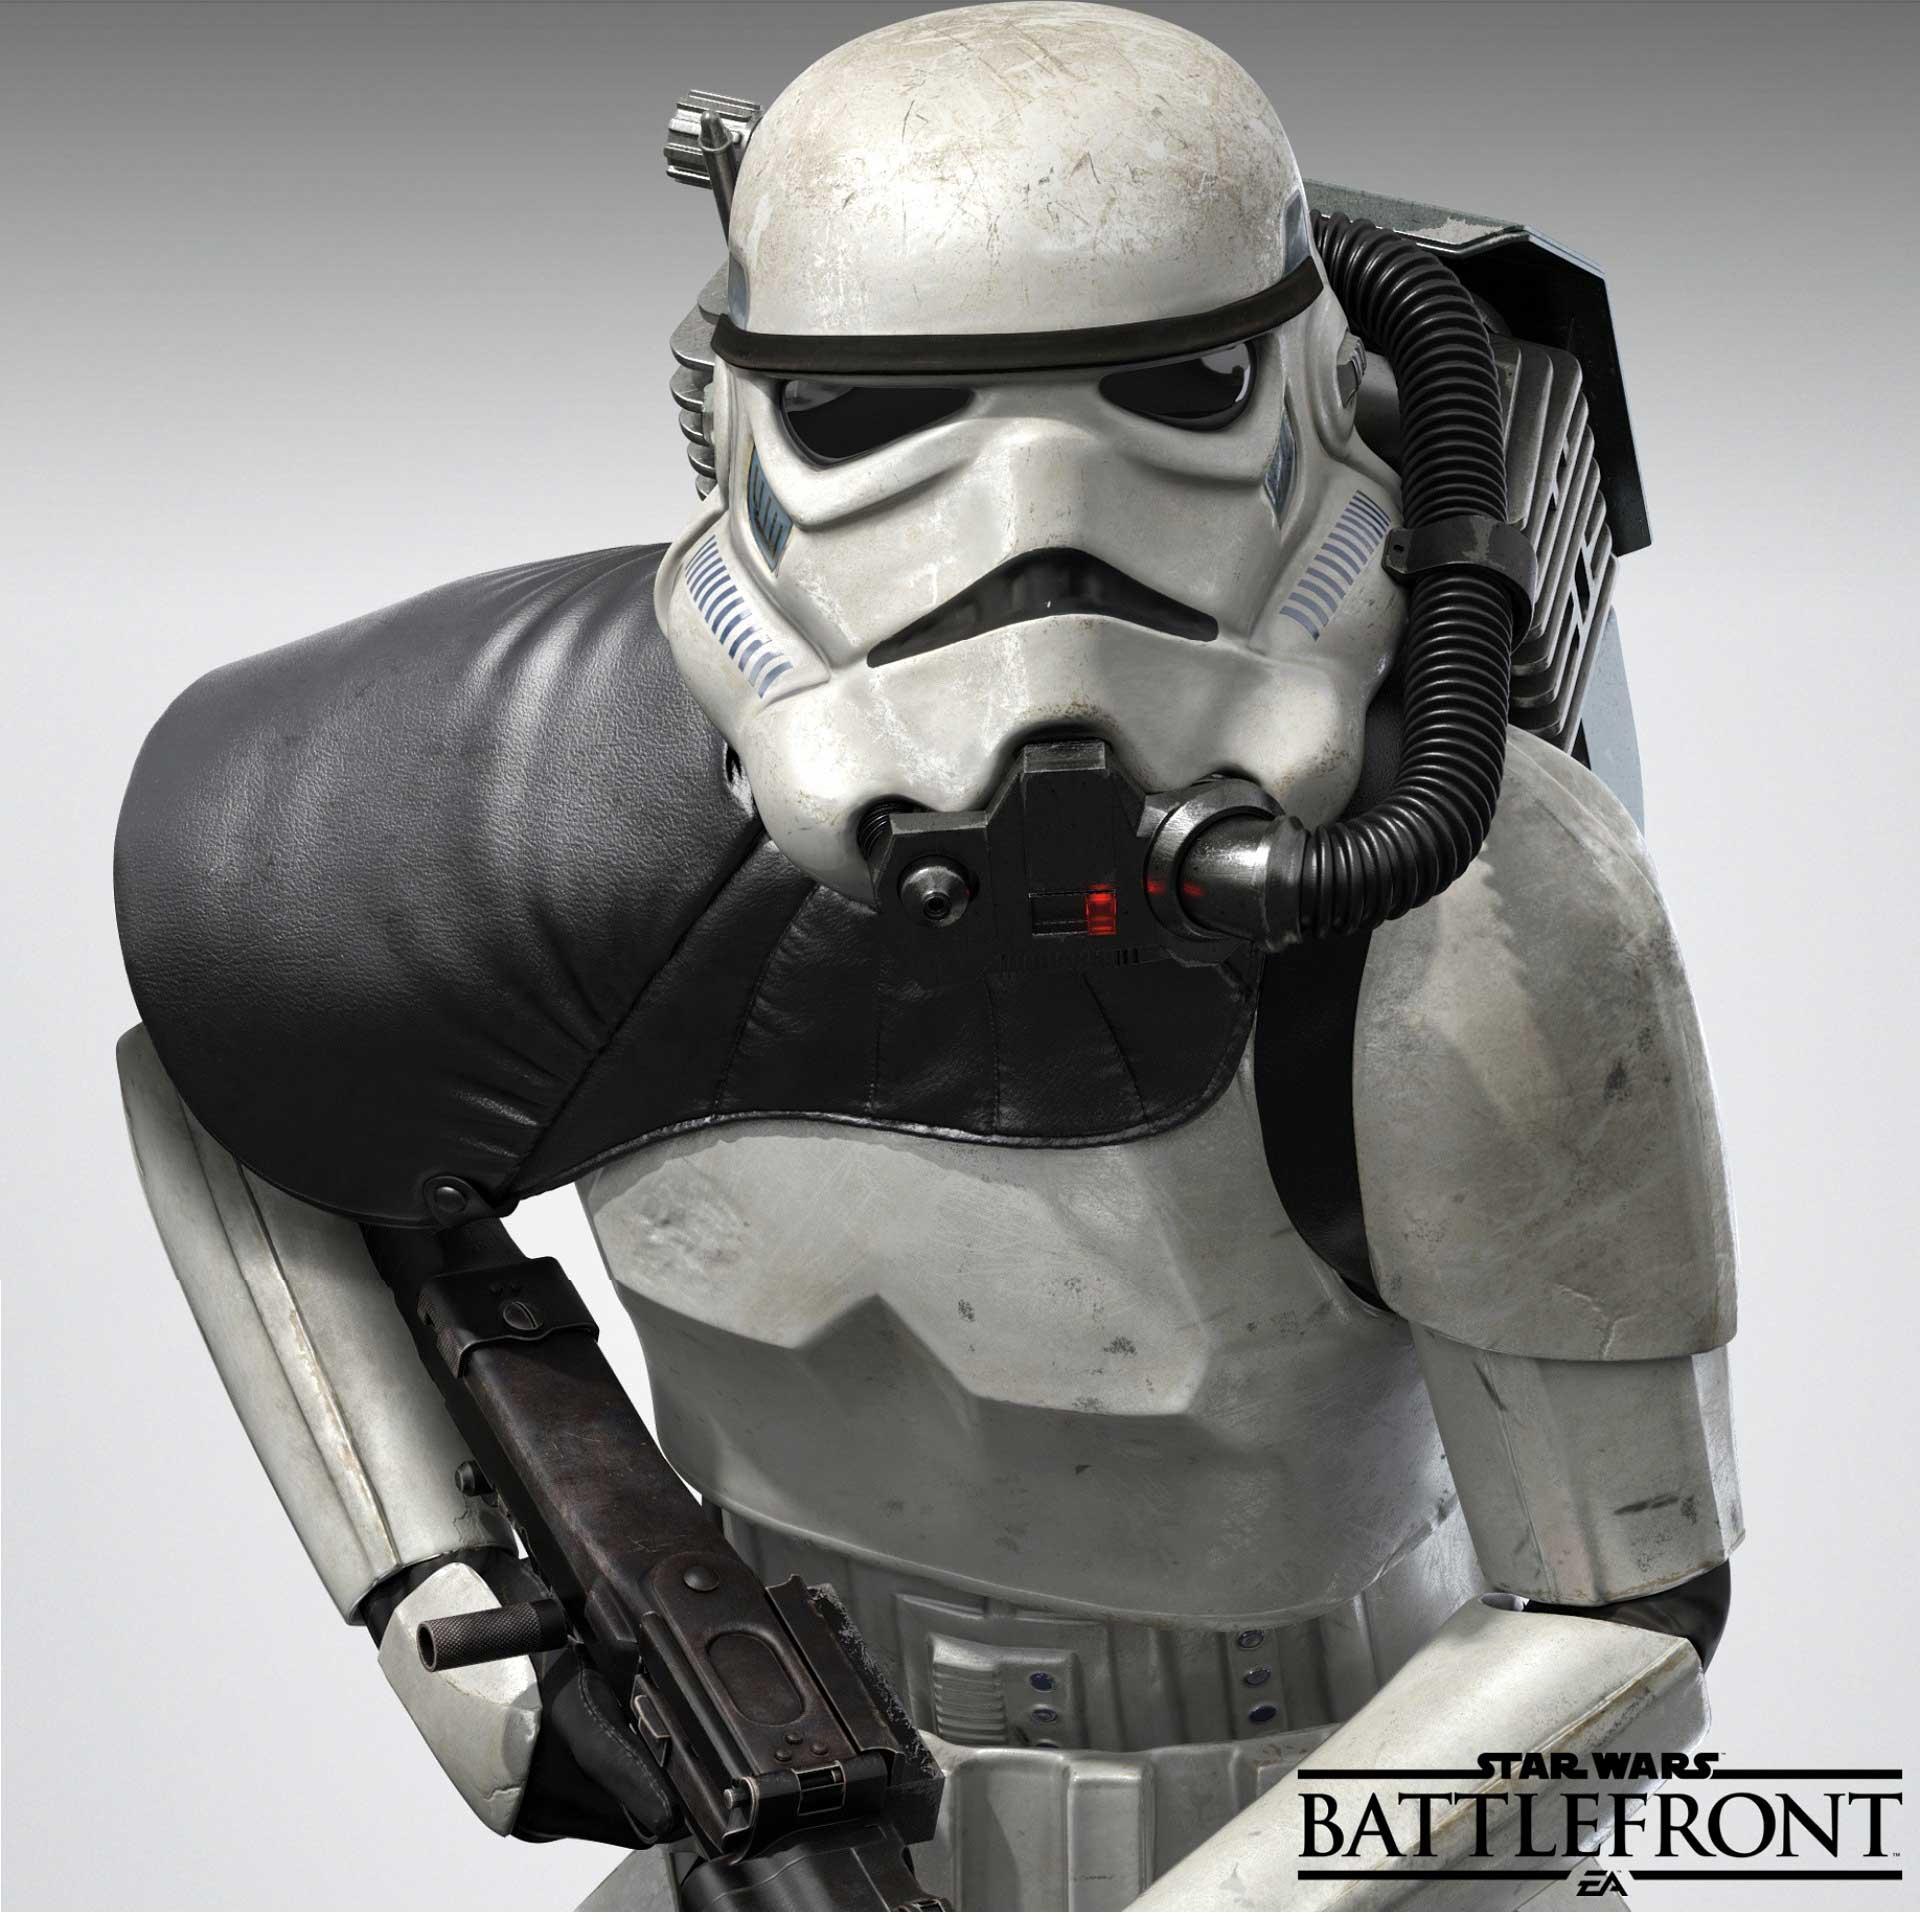 star_wars_battlefront_teaser_image_complete